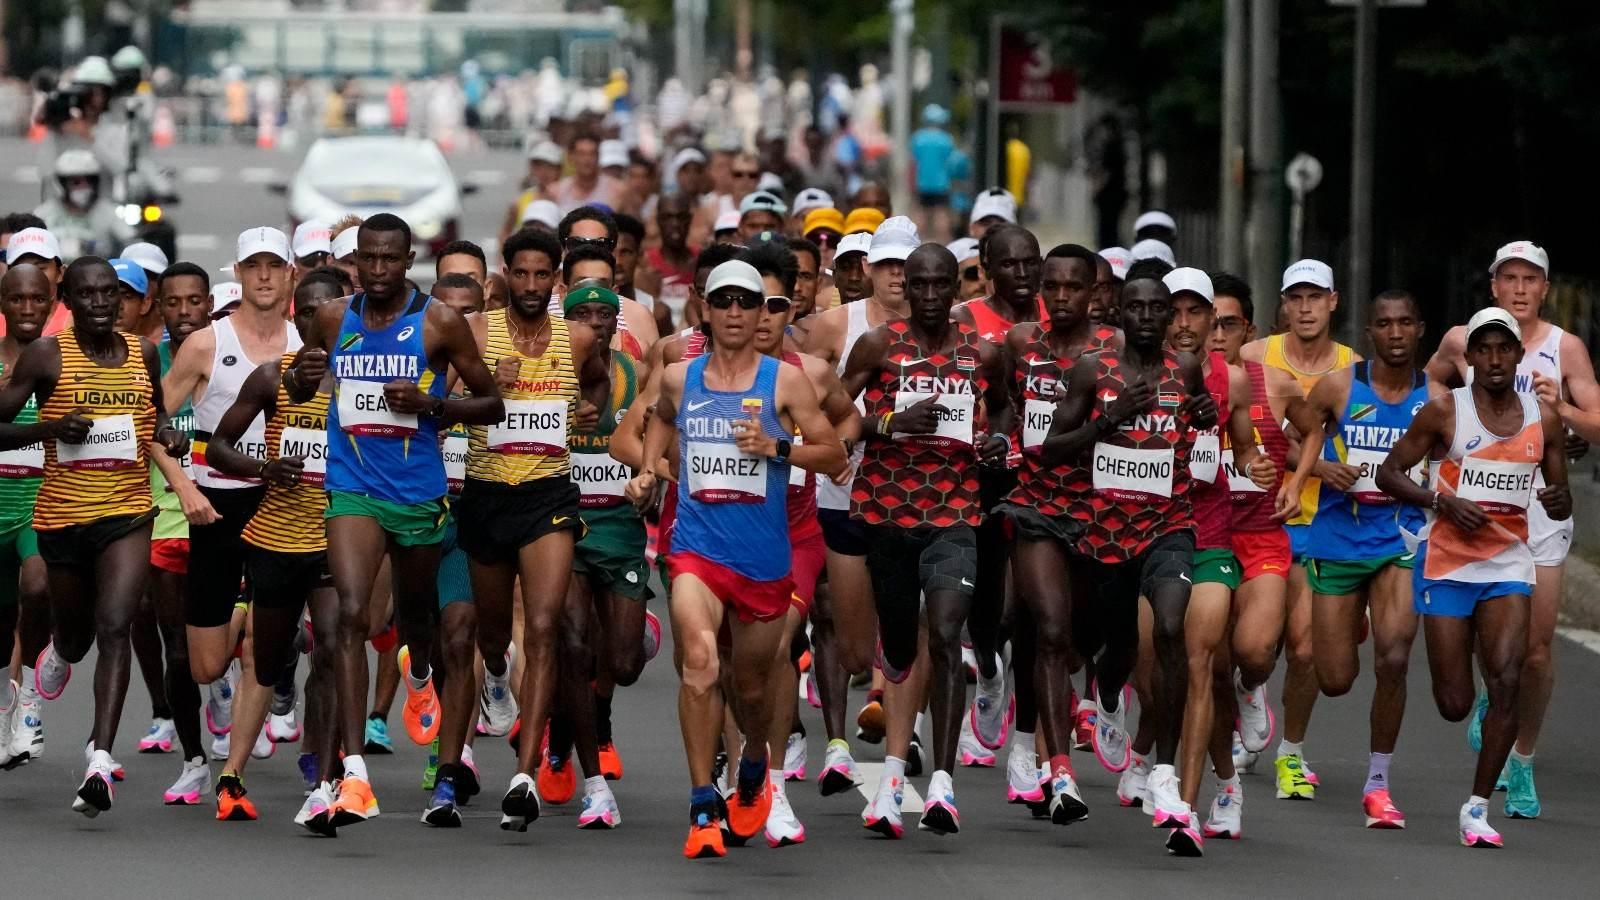 Corredores competem durante a maratona masculina nos Jogos Olímpicos